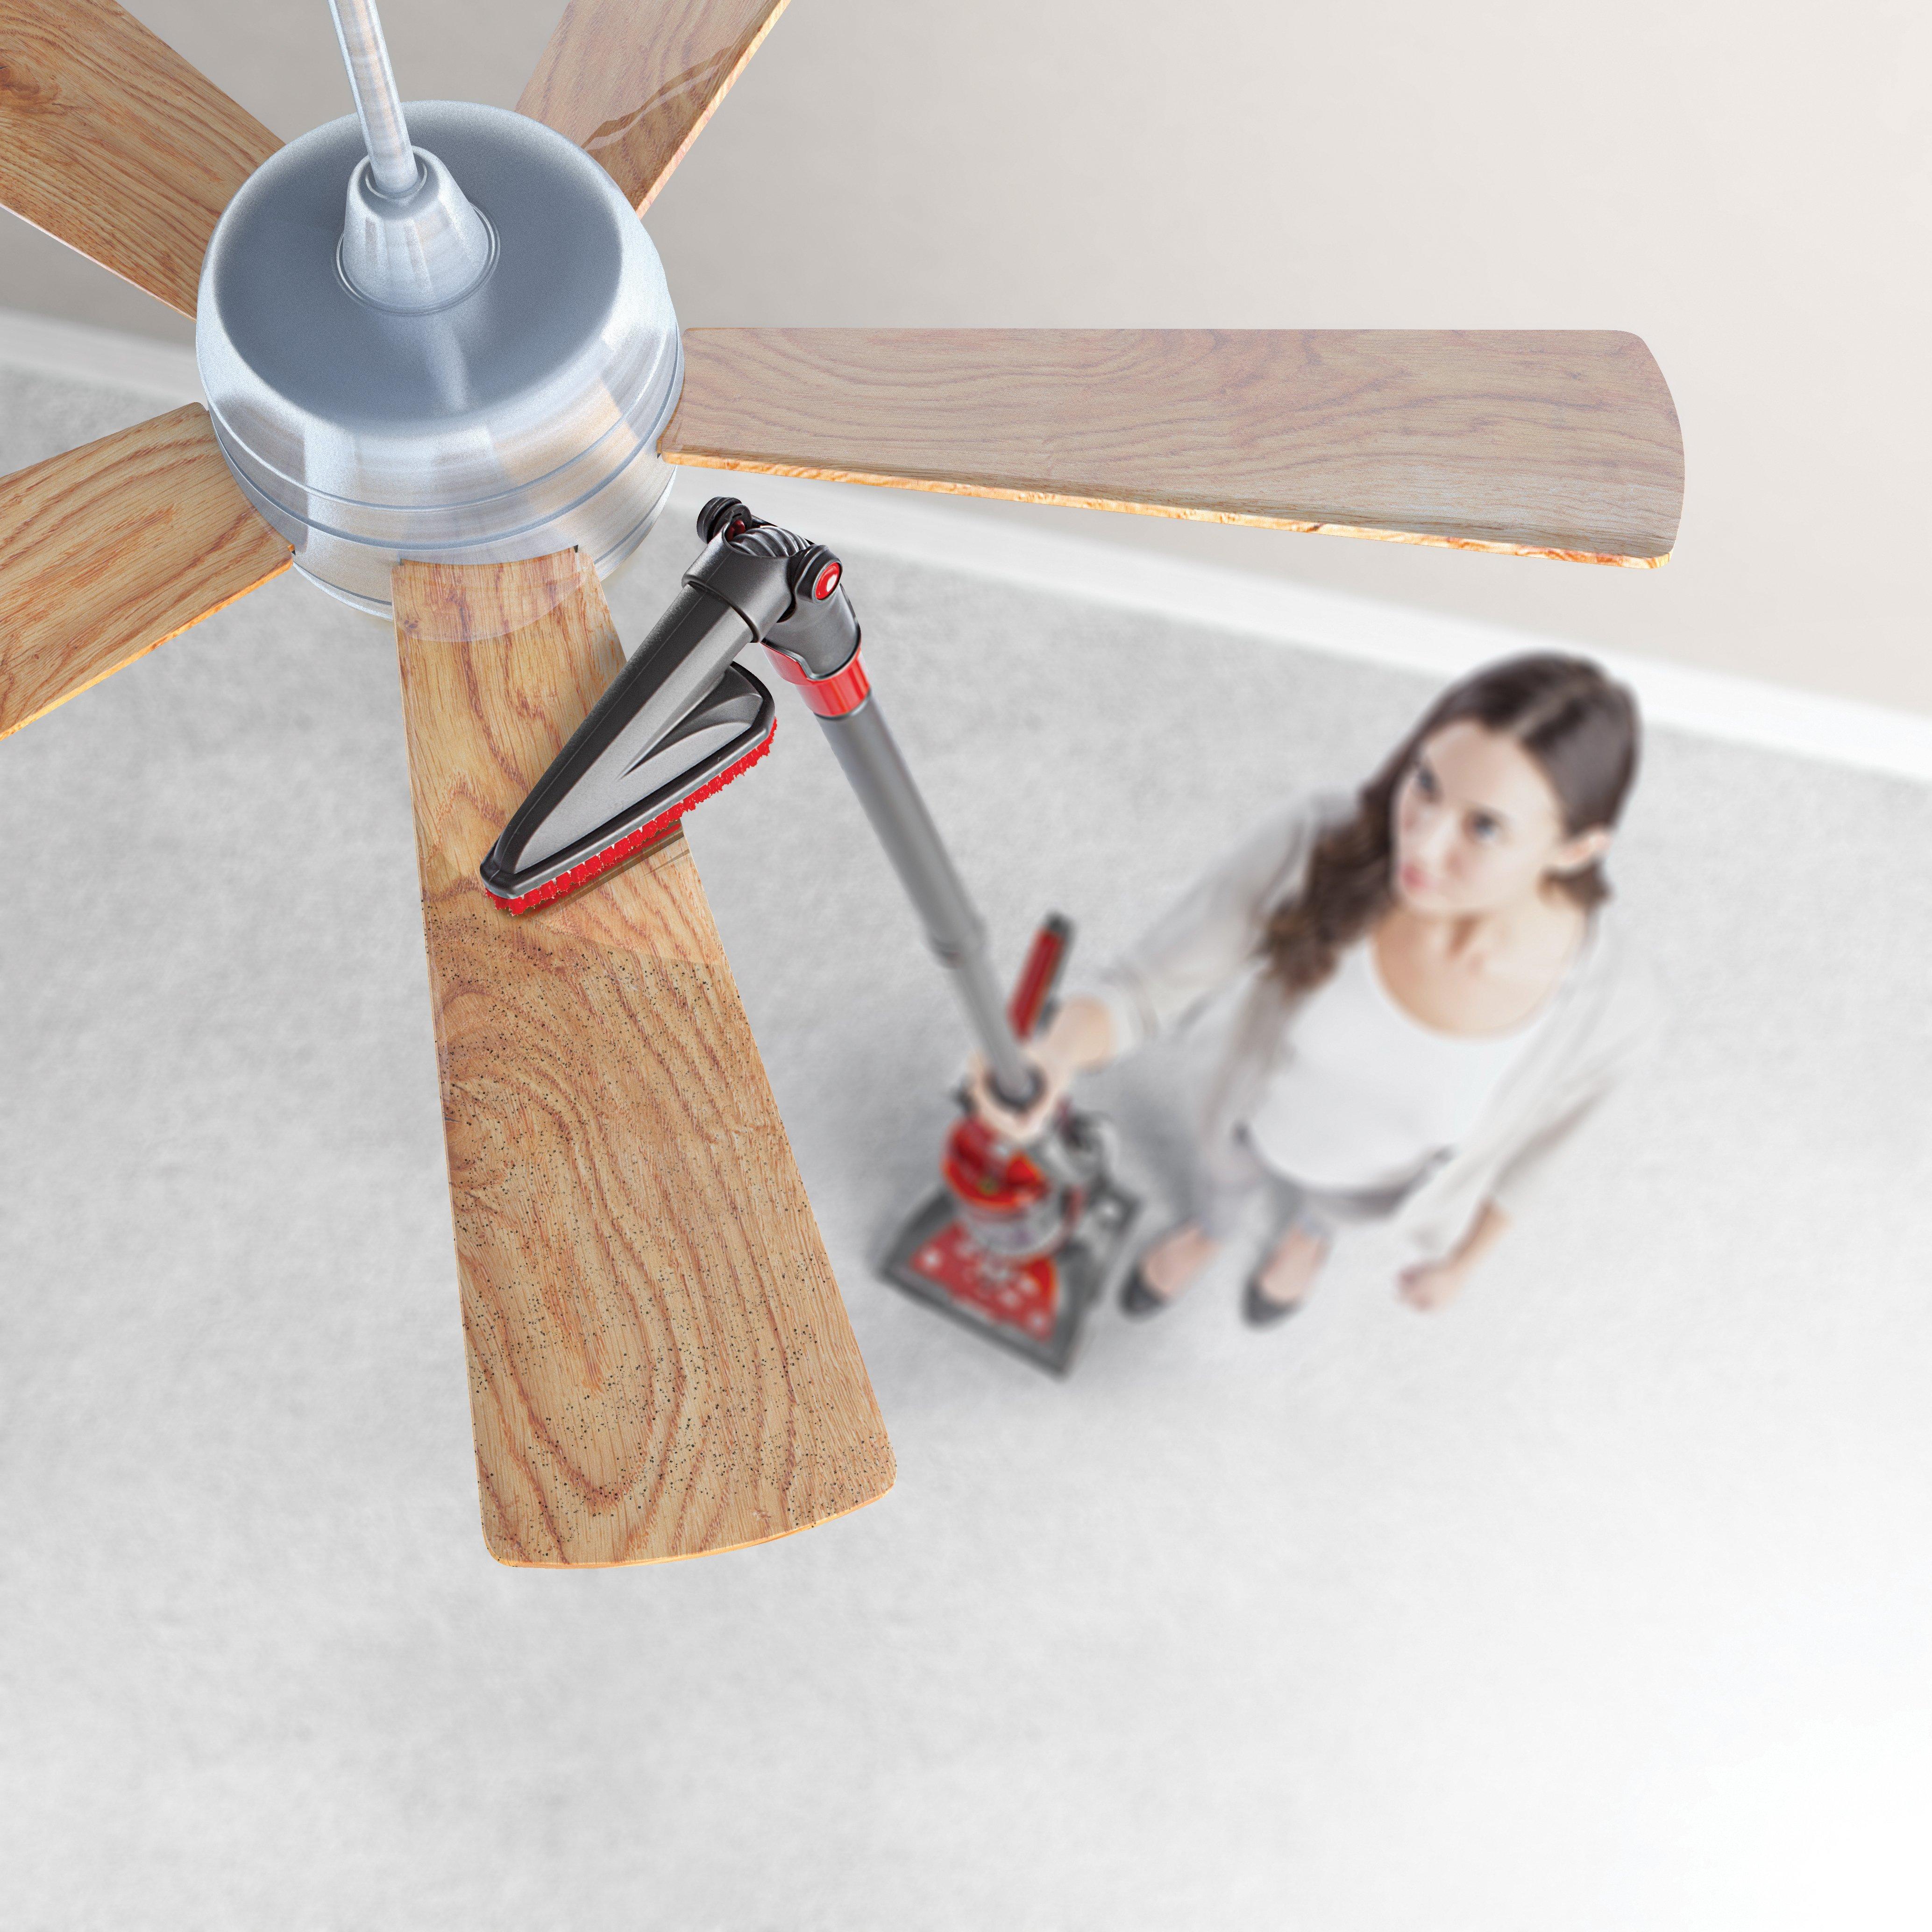 Whole House Elite Upright Vacuum7